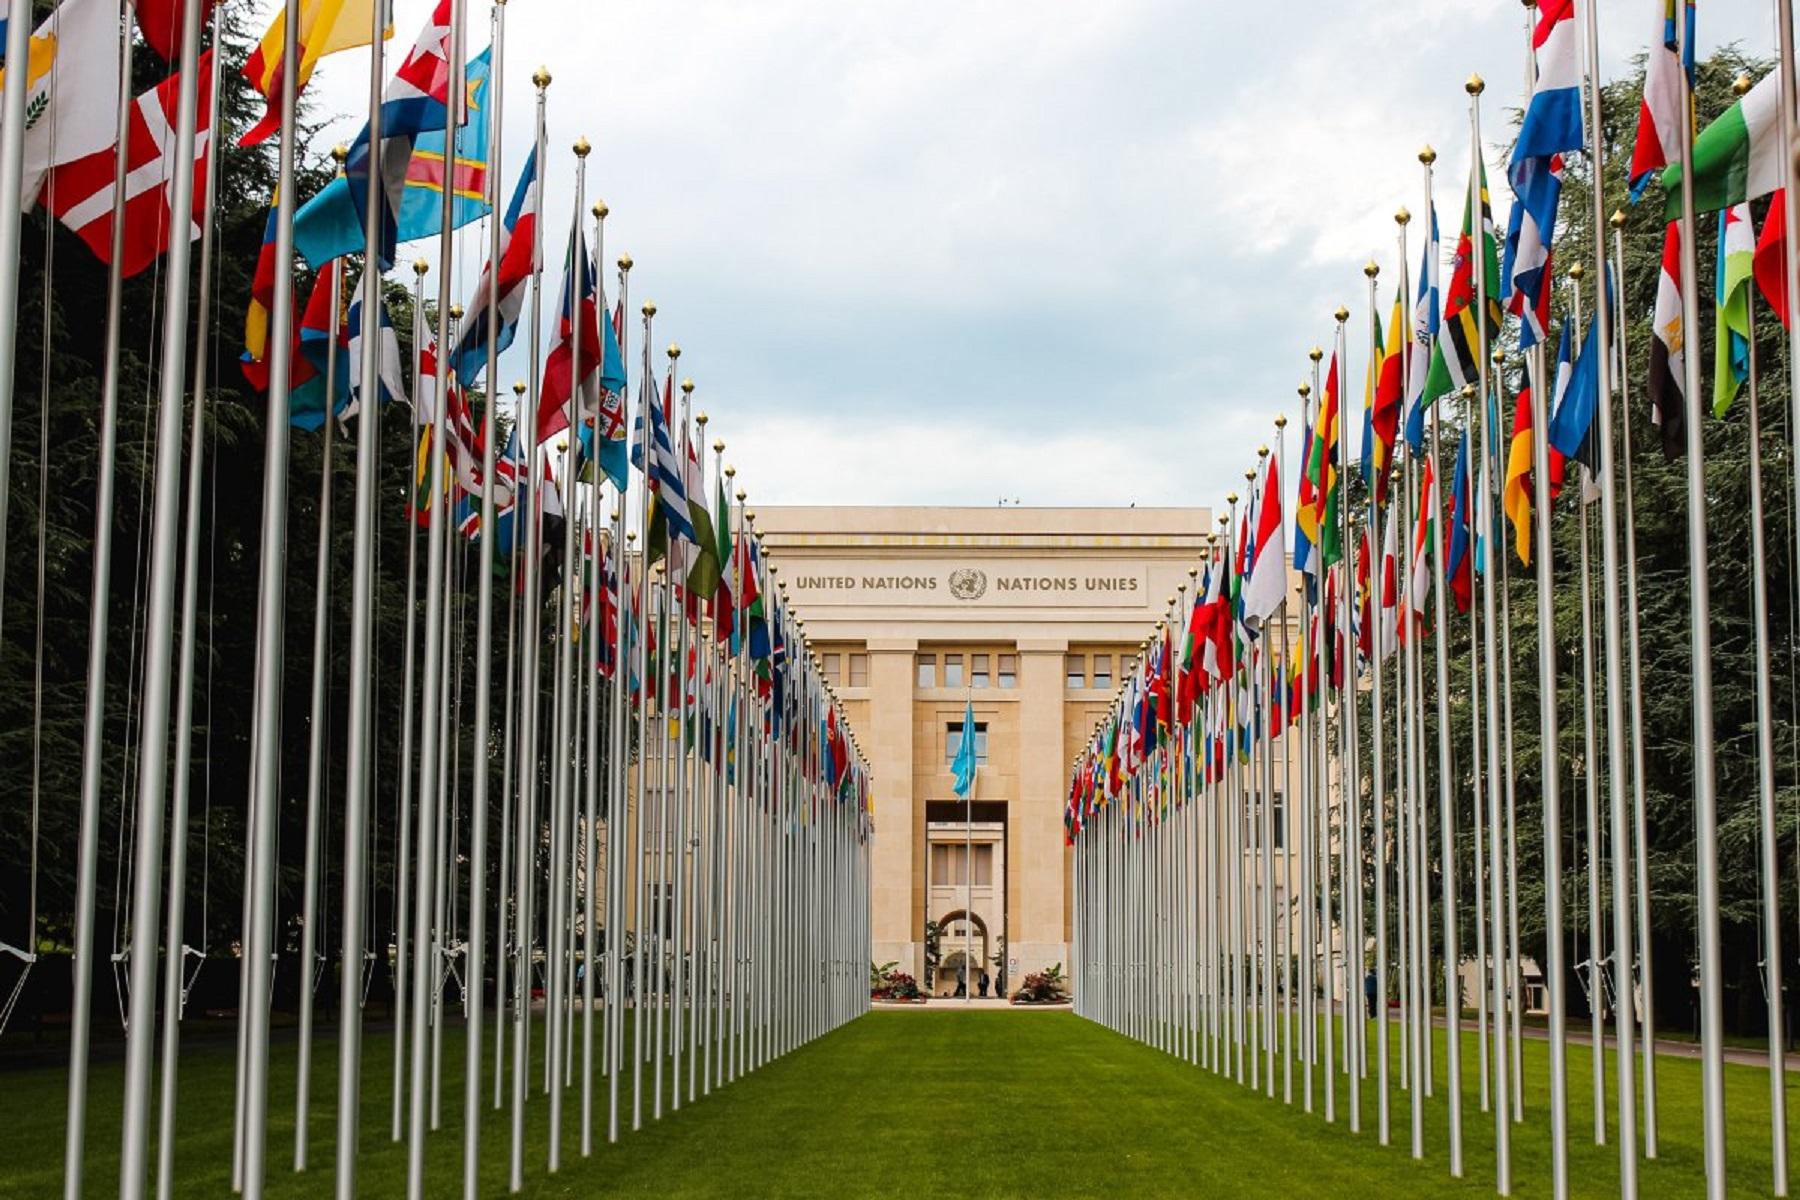 Αντόνιο Γκουτέρες: Ο επικεφαλής του ΟΗΕ λέει ότι ο κόσμος πρέπει να αλλάξει τις τροφικές προτεραιότητες